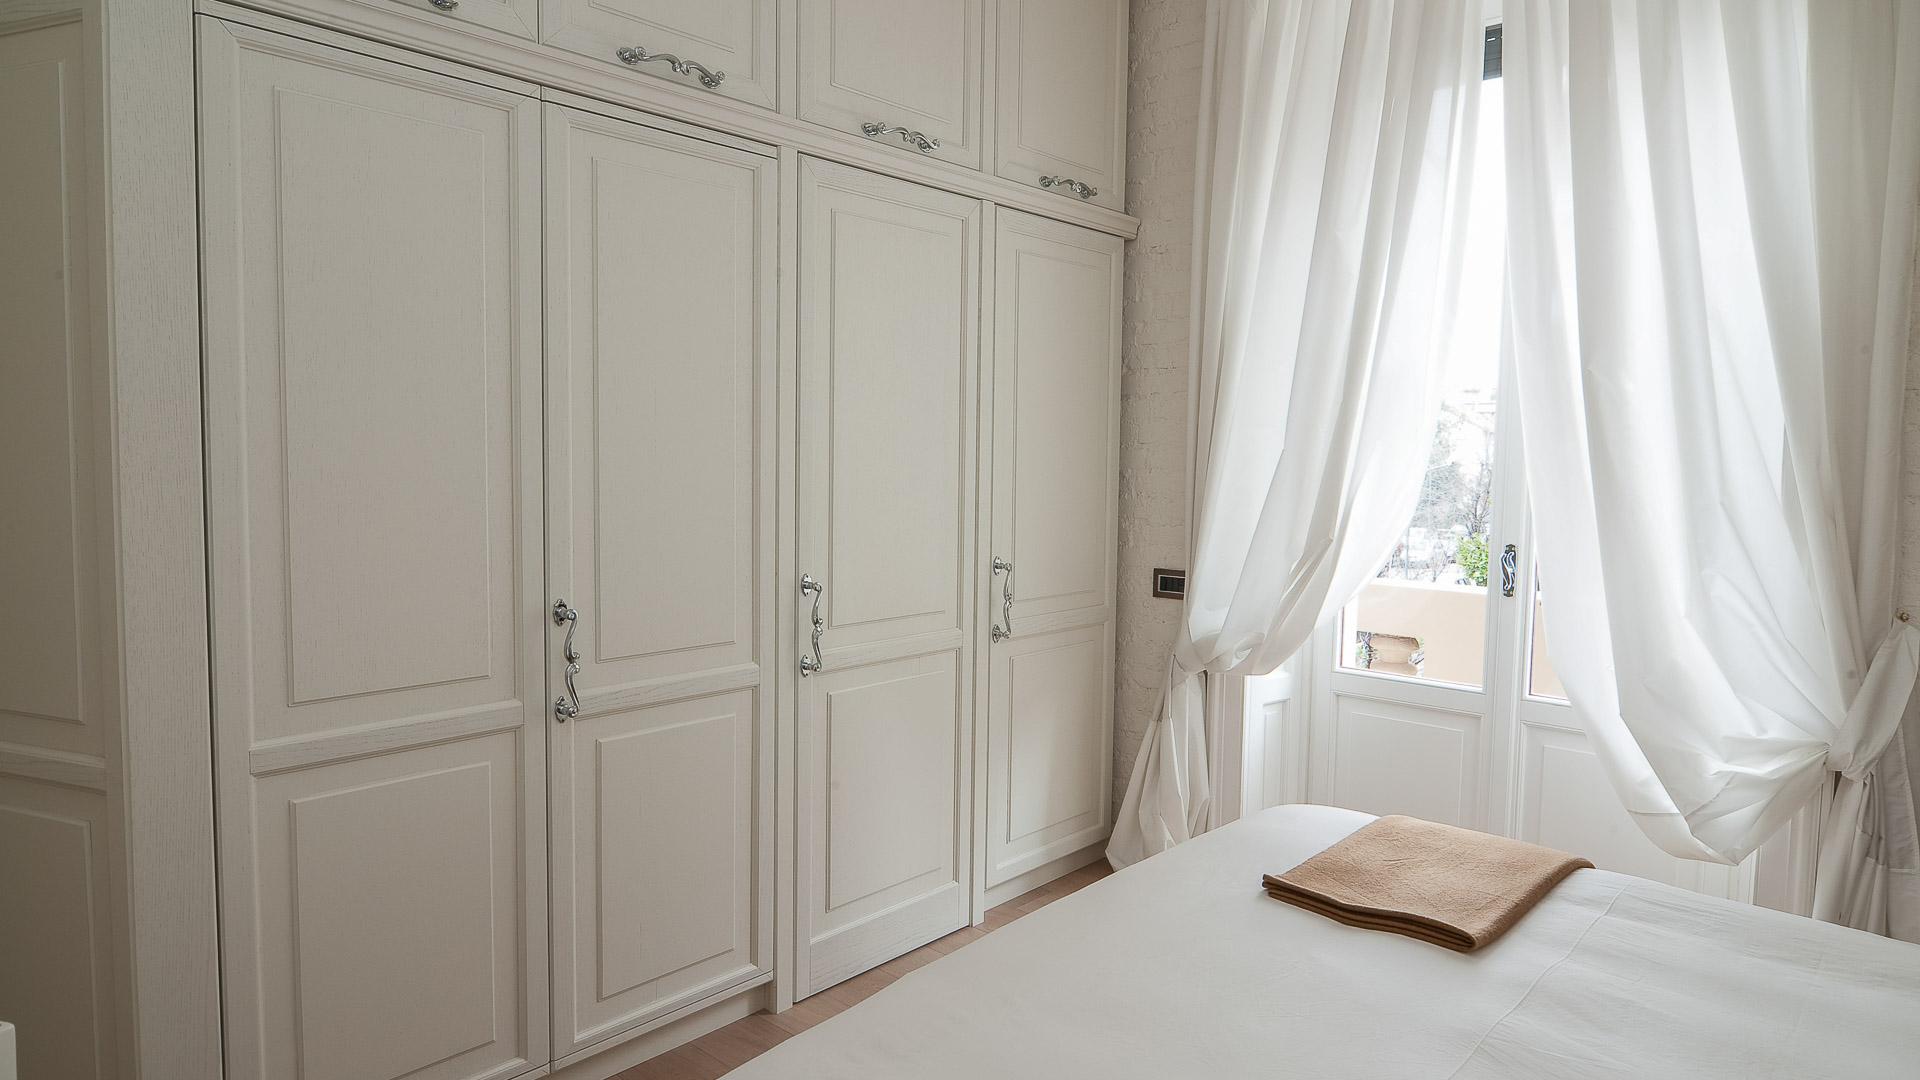 021-camera-da-letto-delta-arredamenti-su-misura-monza-brianza-milano ...